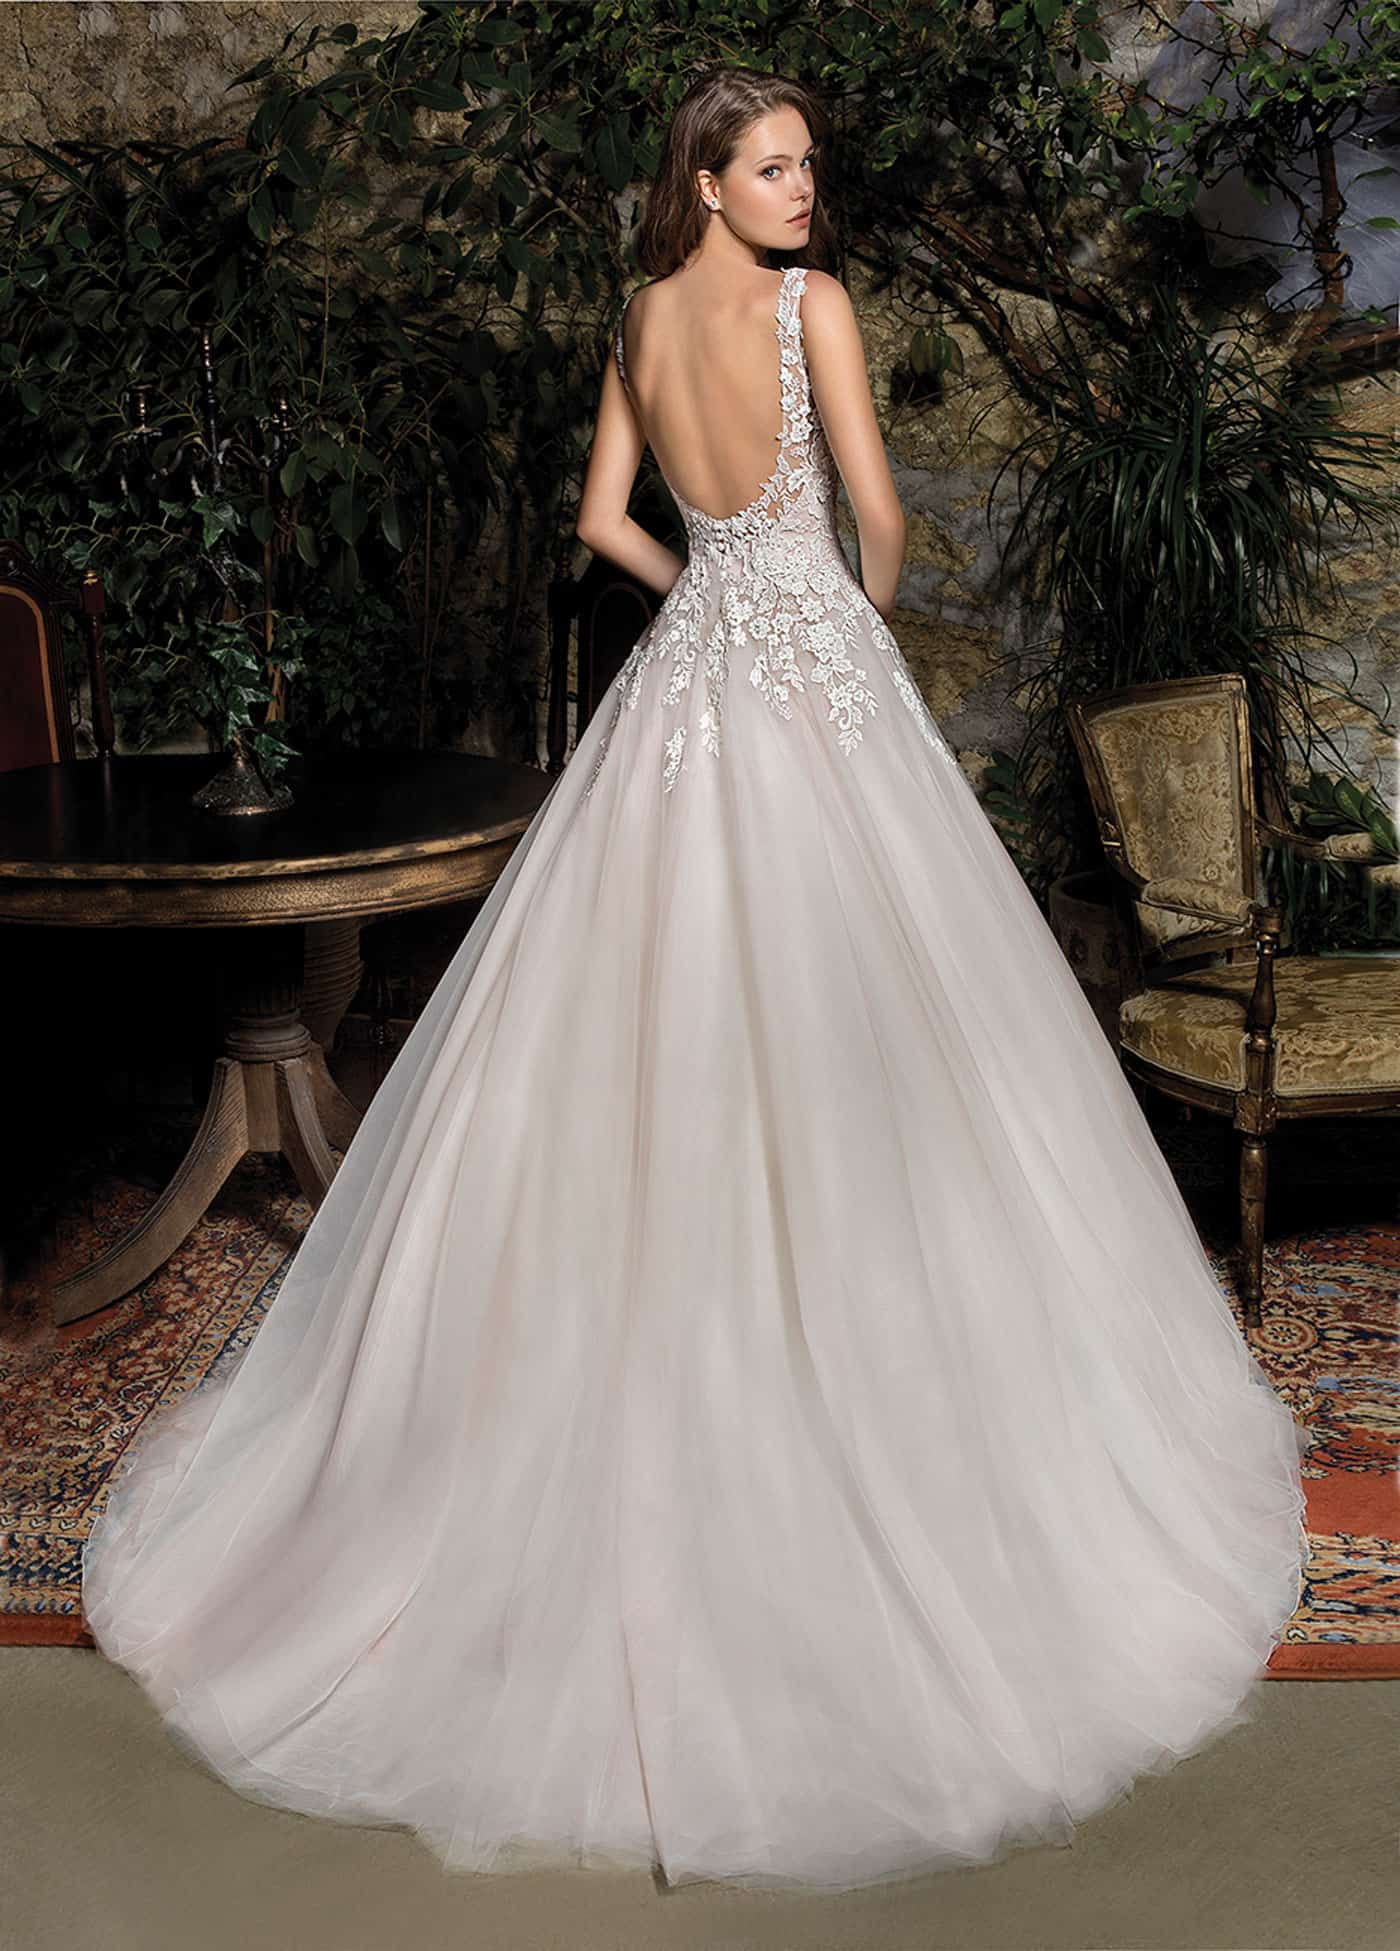 Cosmobella 7957   Prinzessinnen Brautkleid   Hochzeitskleid A-Linie   Brautmode Köln Anna Moda